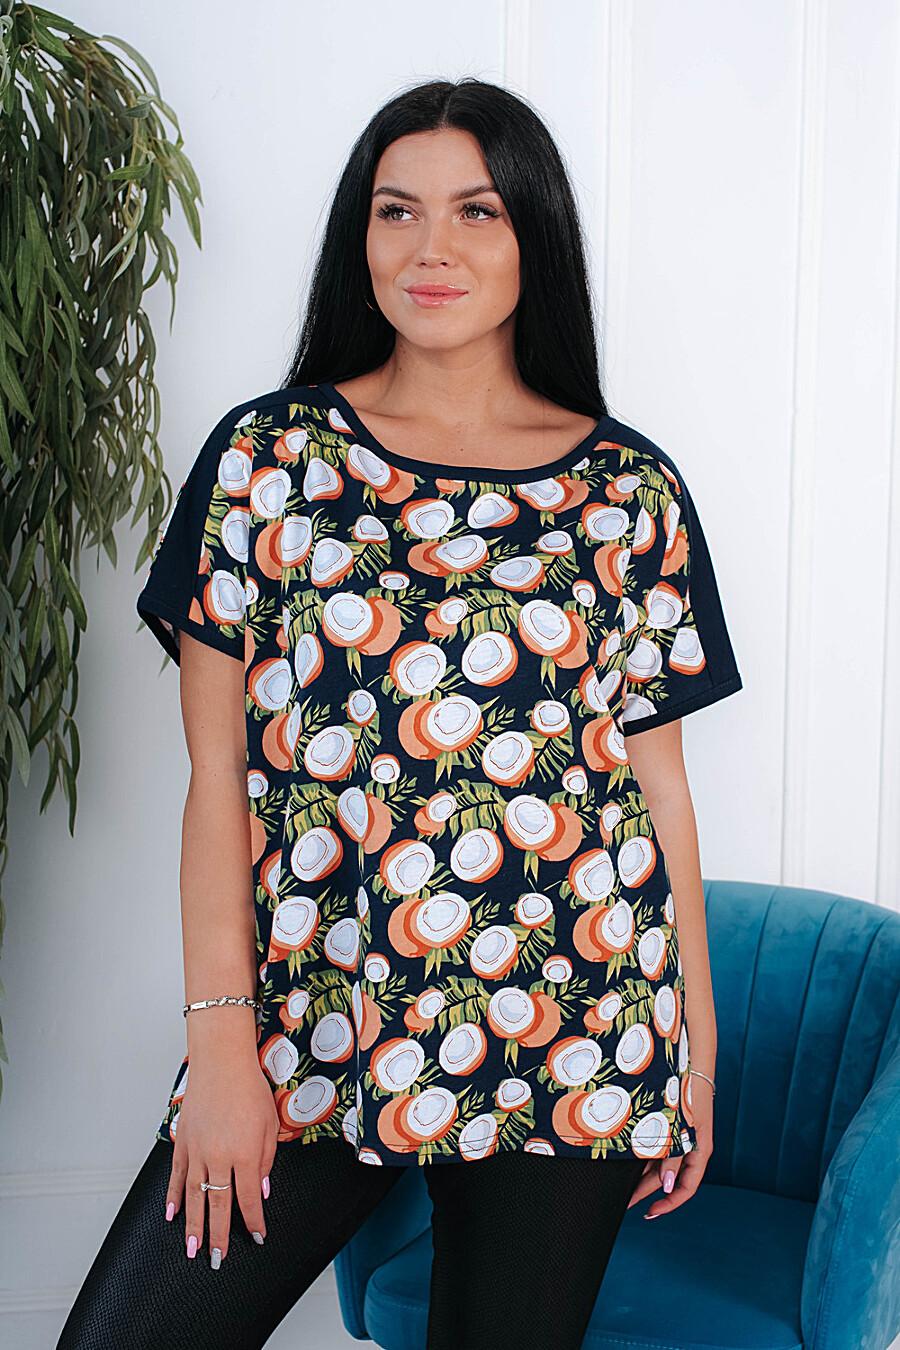 Футболка 4555 для женщин НАТАЛИ 649281 купить оптом от производителя. Совместная покупка женской одежды в OptMoyo